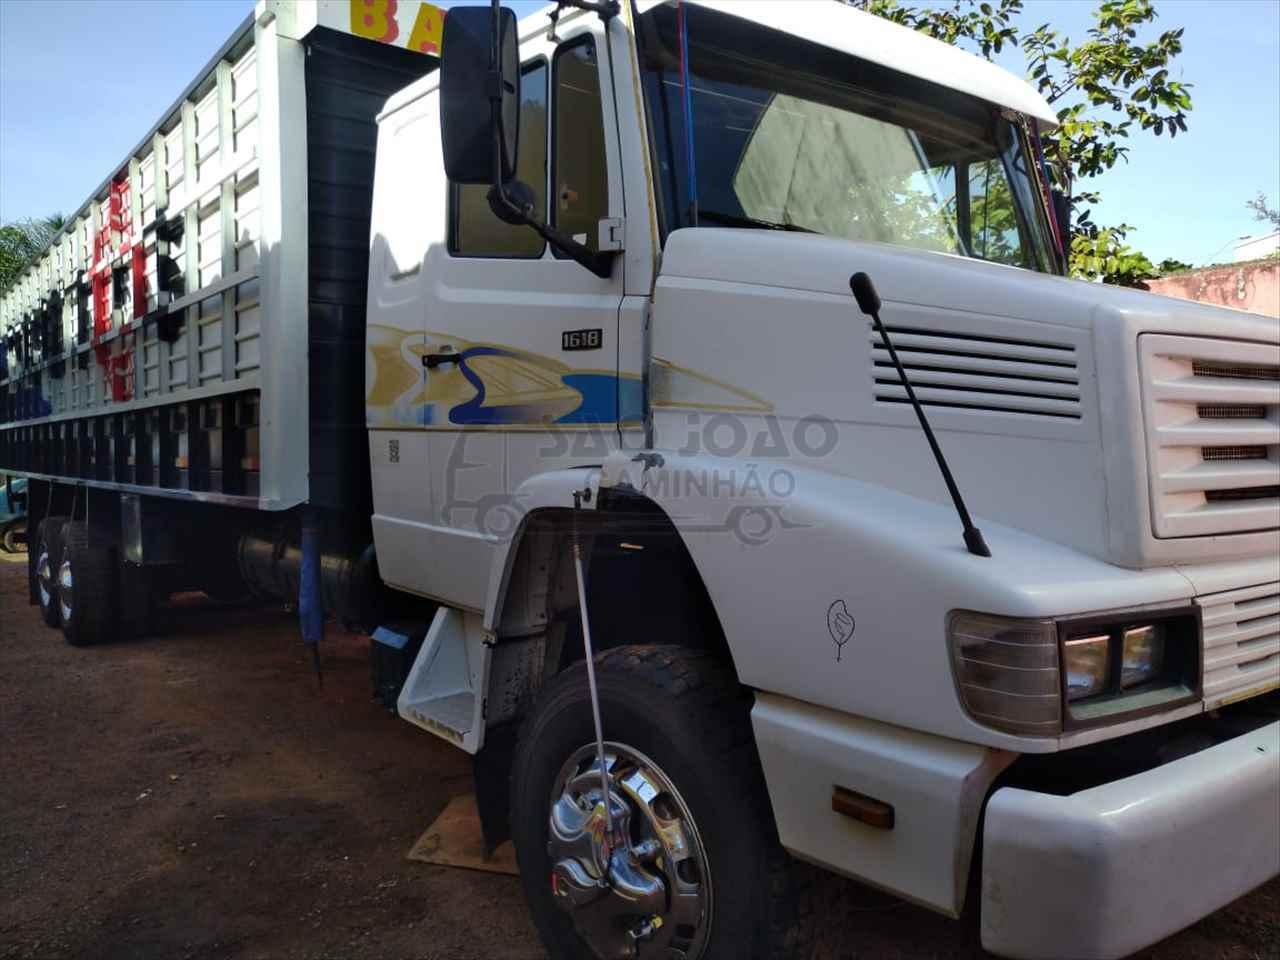 CAMINHAO MERCEDES-BENZ MB 1618 Boiadeiro Truck 6x2 São João Caminhão SAO JOAO DA BOA VISTA SÃO PAULO SP